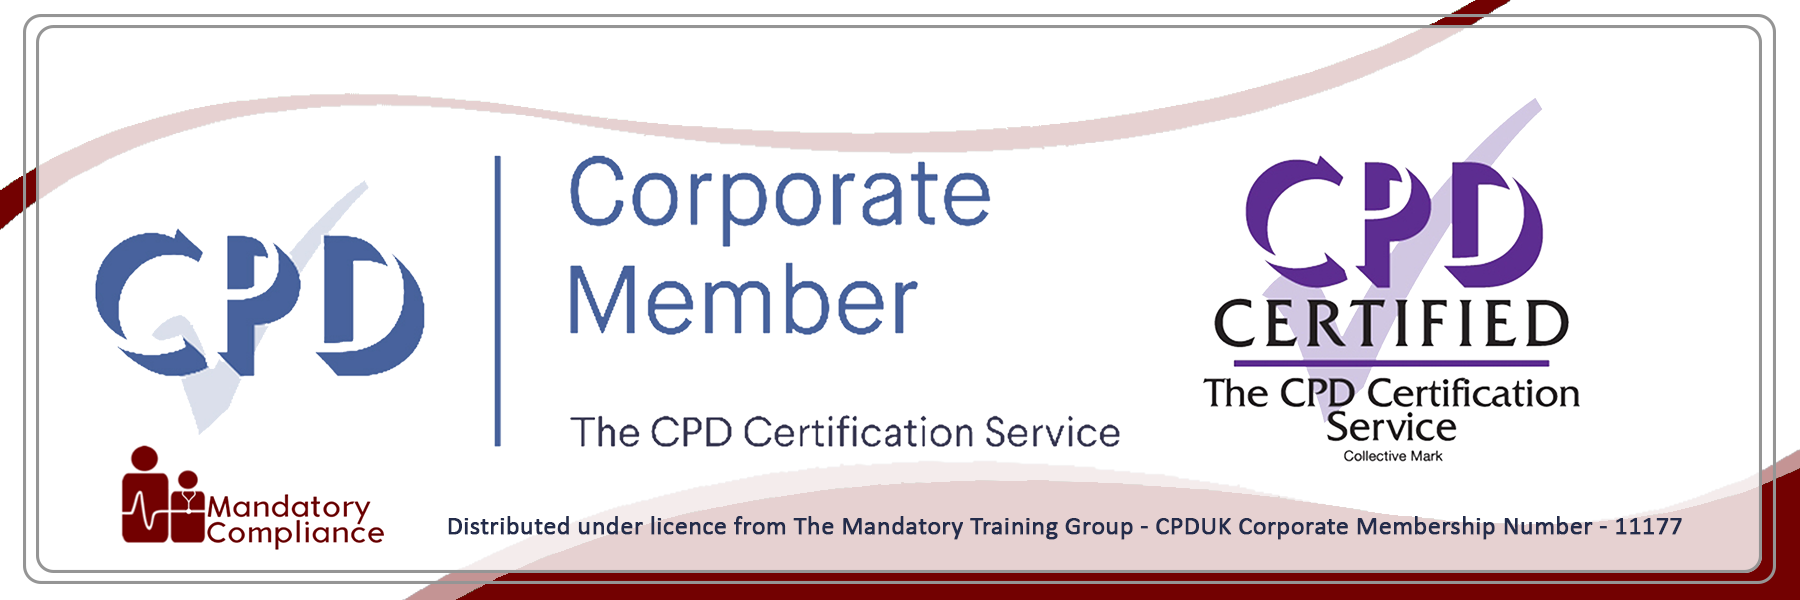 Improving Mindfulness - Online Training Course - CPDUK Accredited - Mandatory Compliance UK -